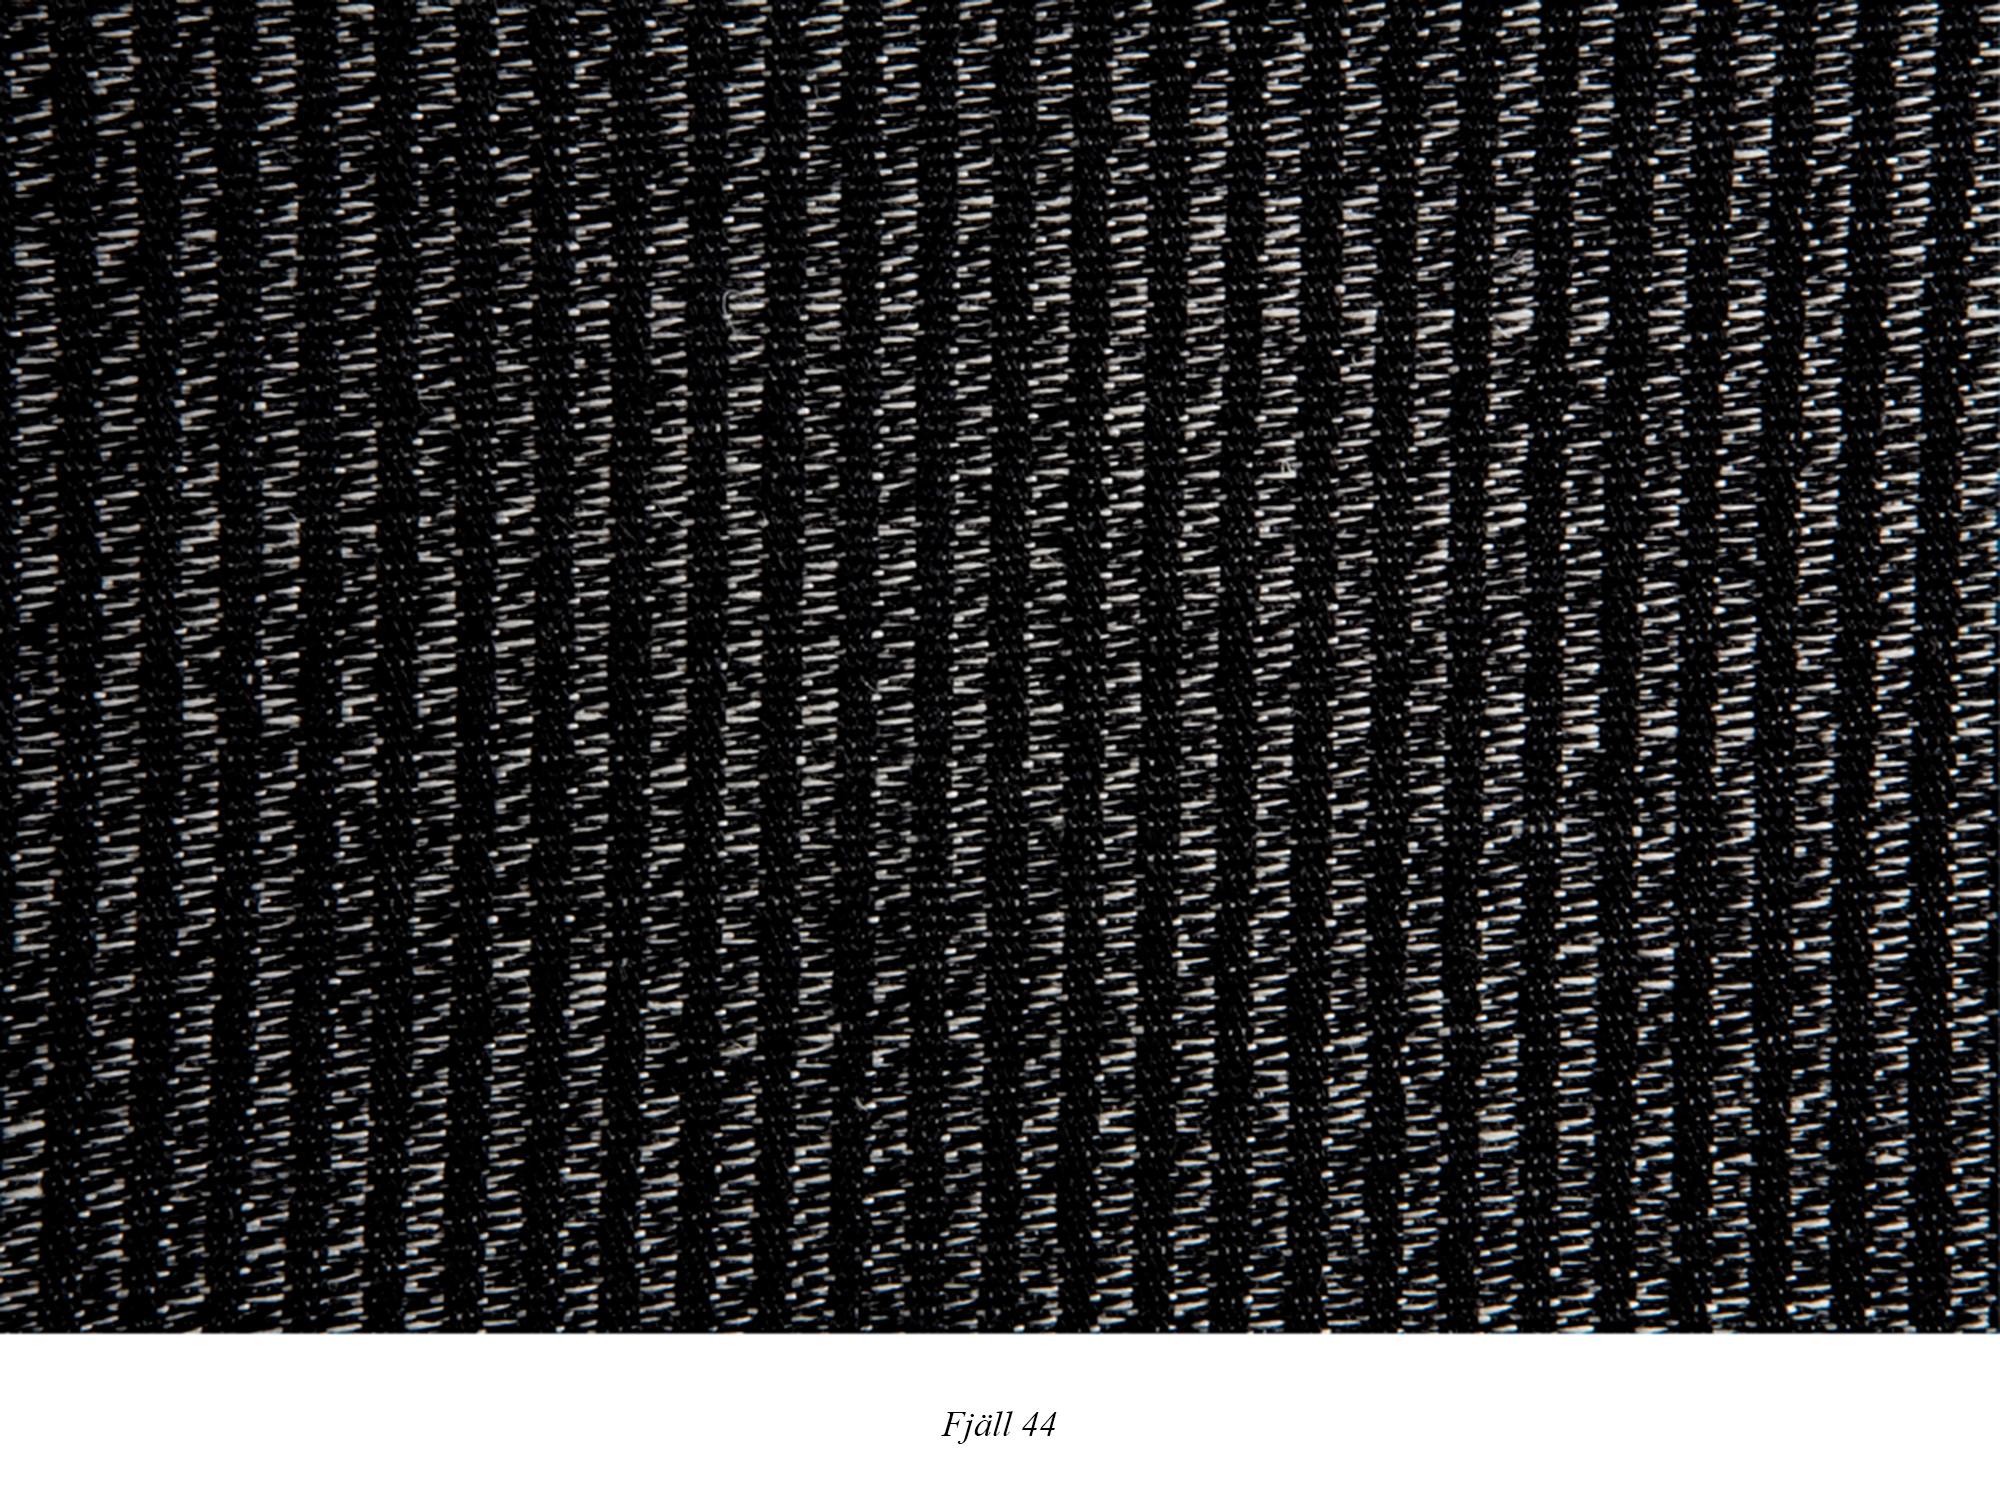 Norrlandstyger textil tyg linnetyg linne Klässbols Linneväveri Lena Bergstrom Fjäll 44